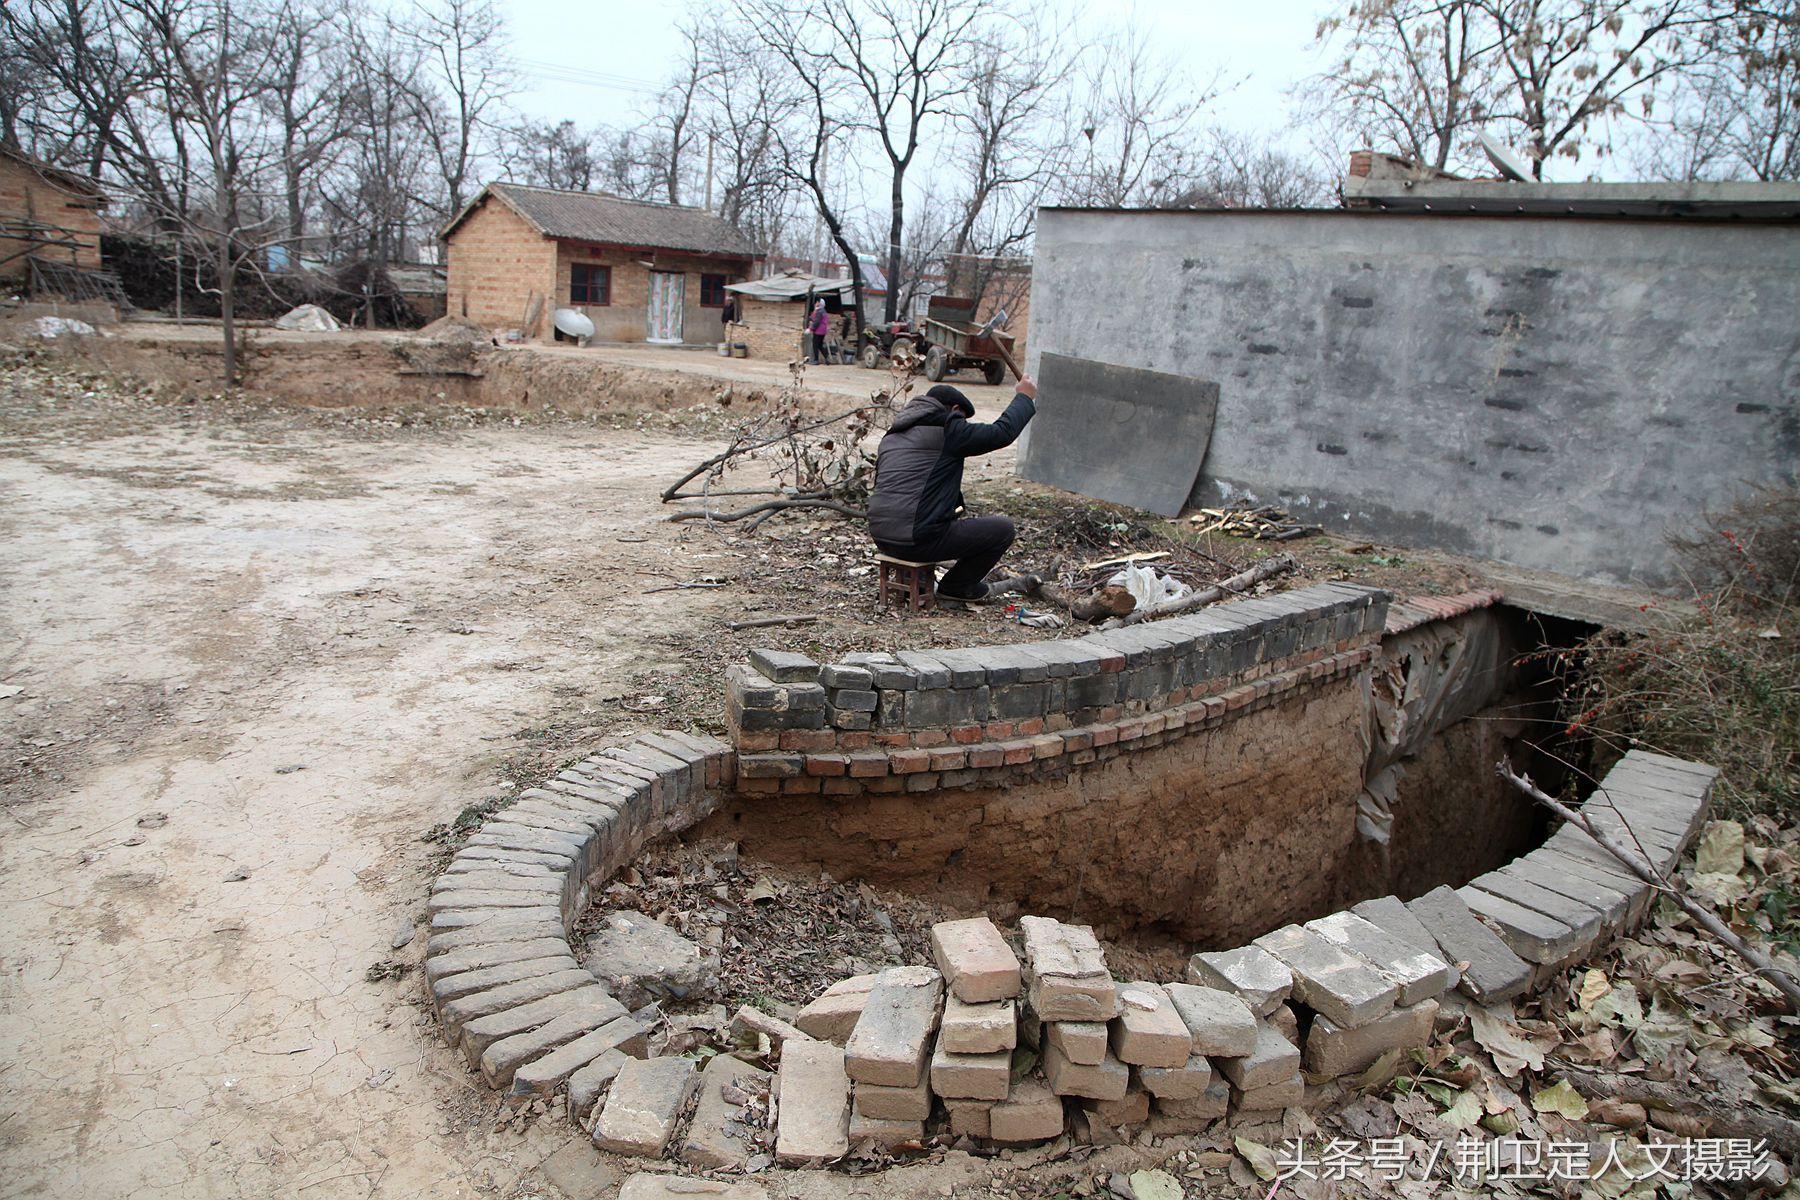 柴禾是农村冬季取暖不可缺少的材料,他说这个地坑也不住人了,他和老伴图片